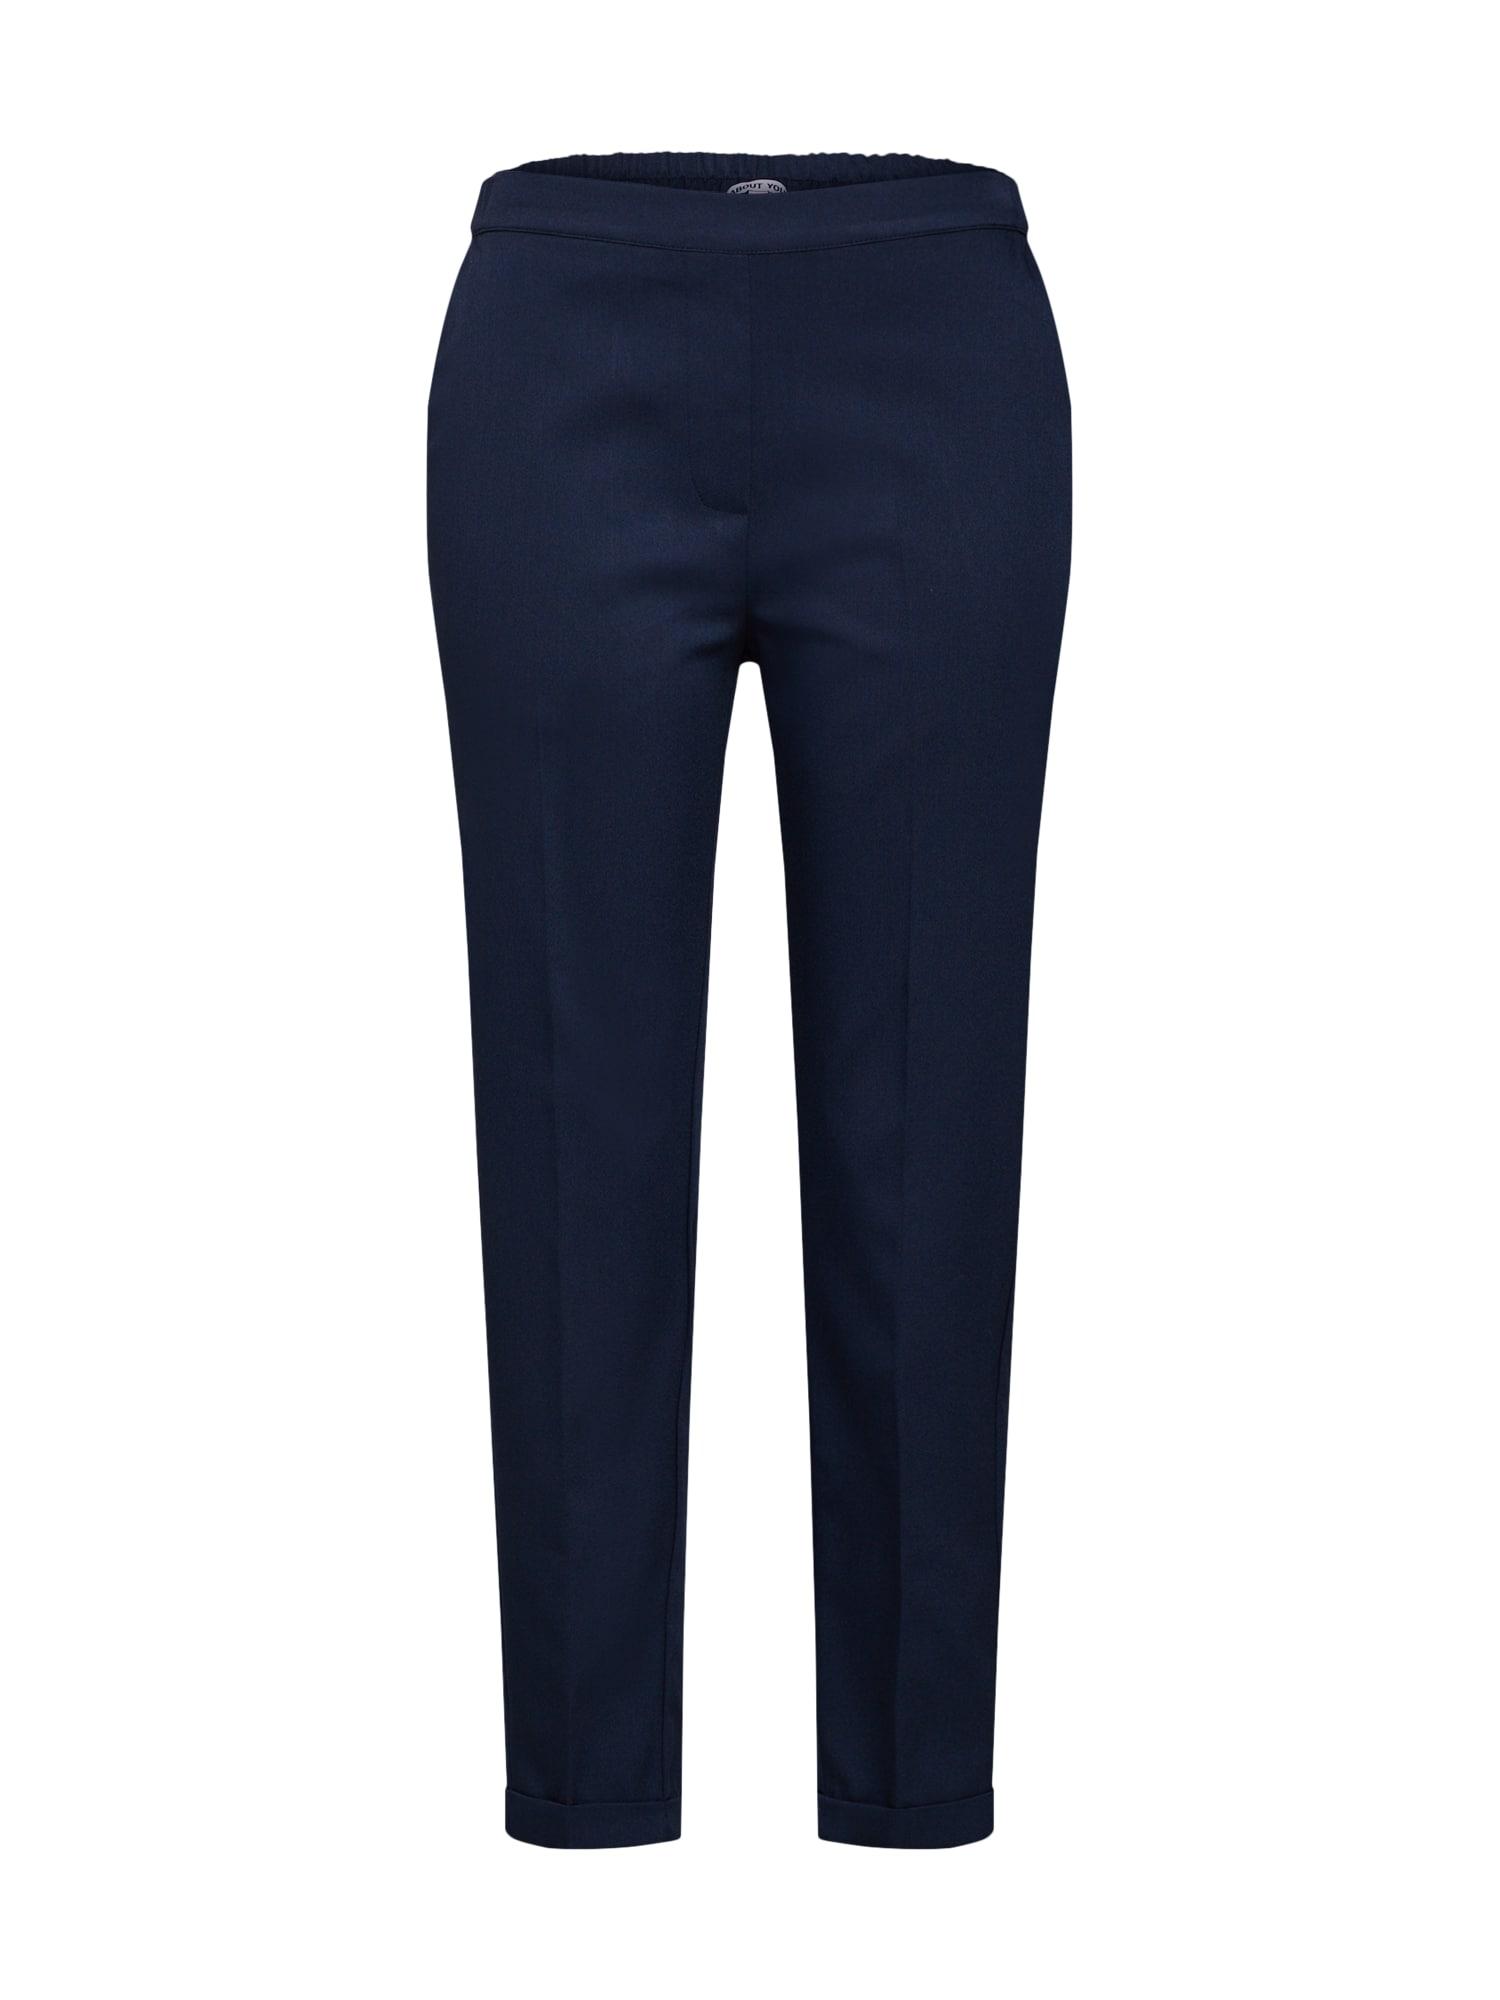 Kalhoty s puky Louisa tmavě modrá ABOUT YOU